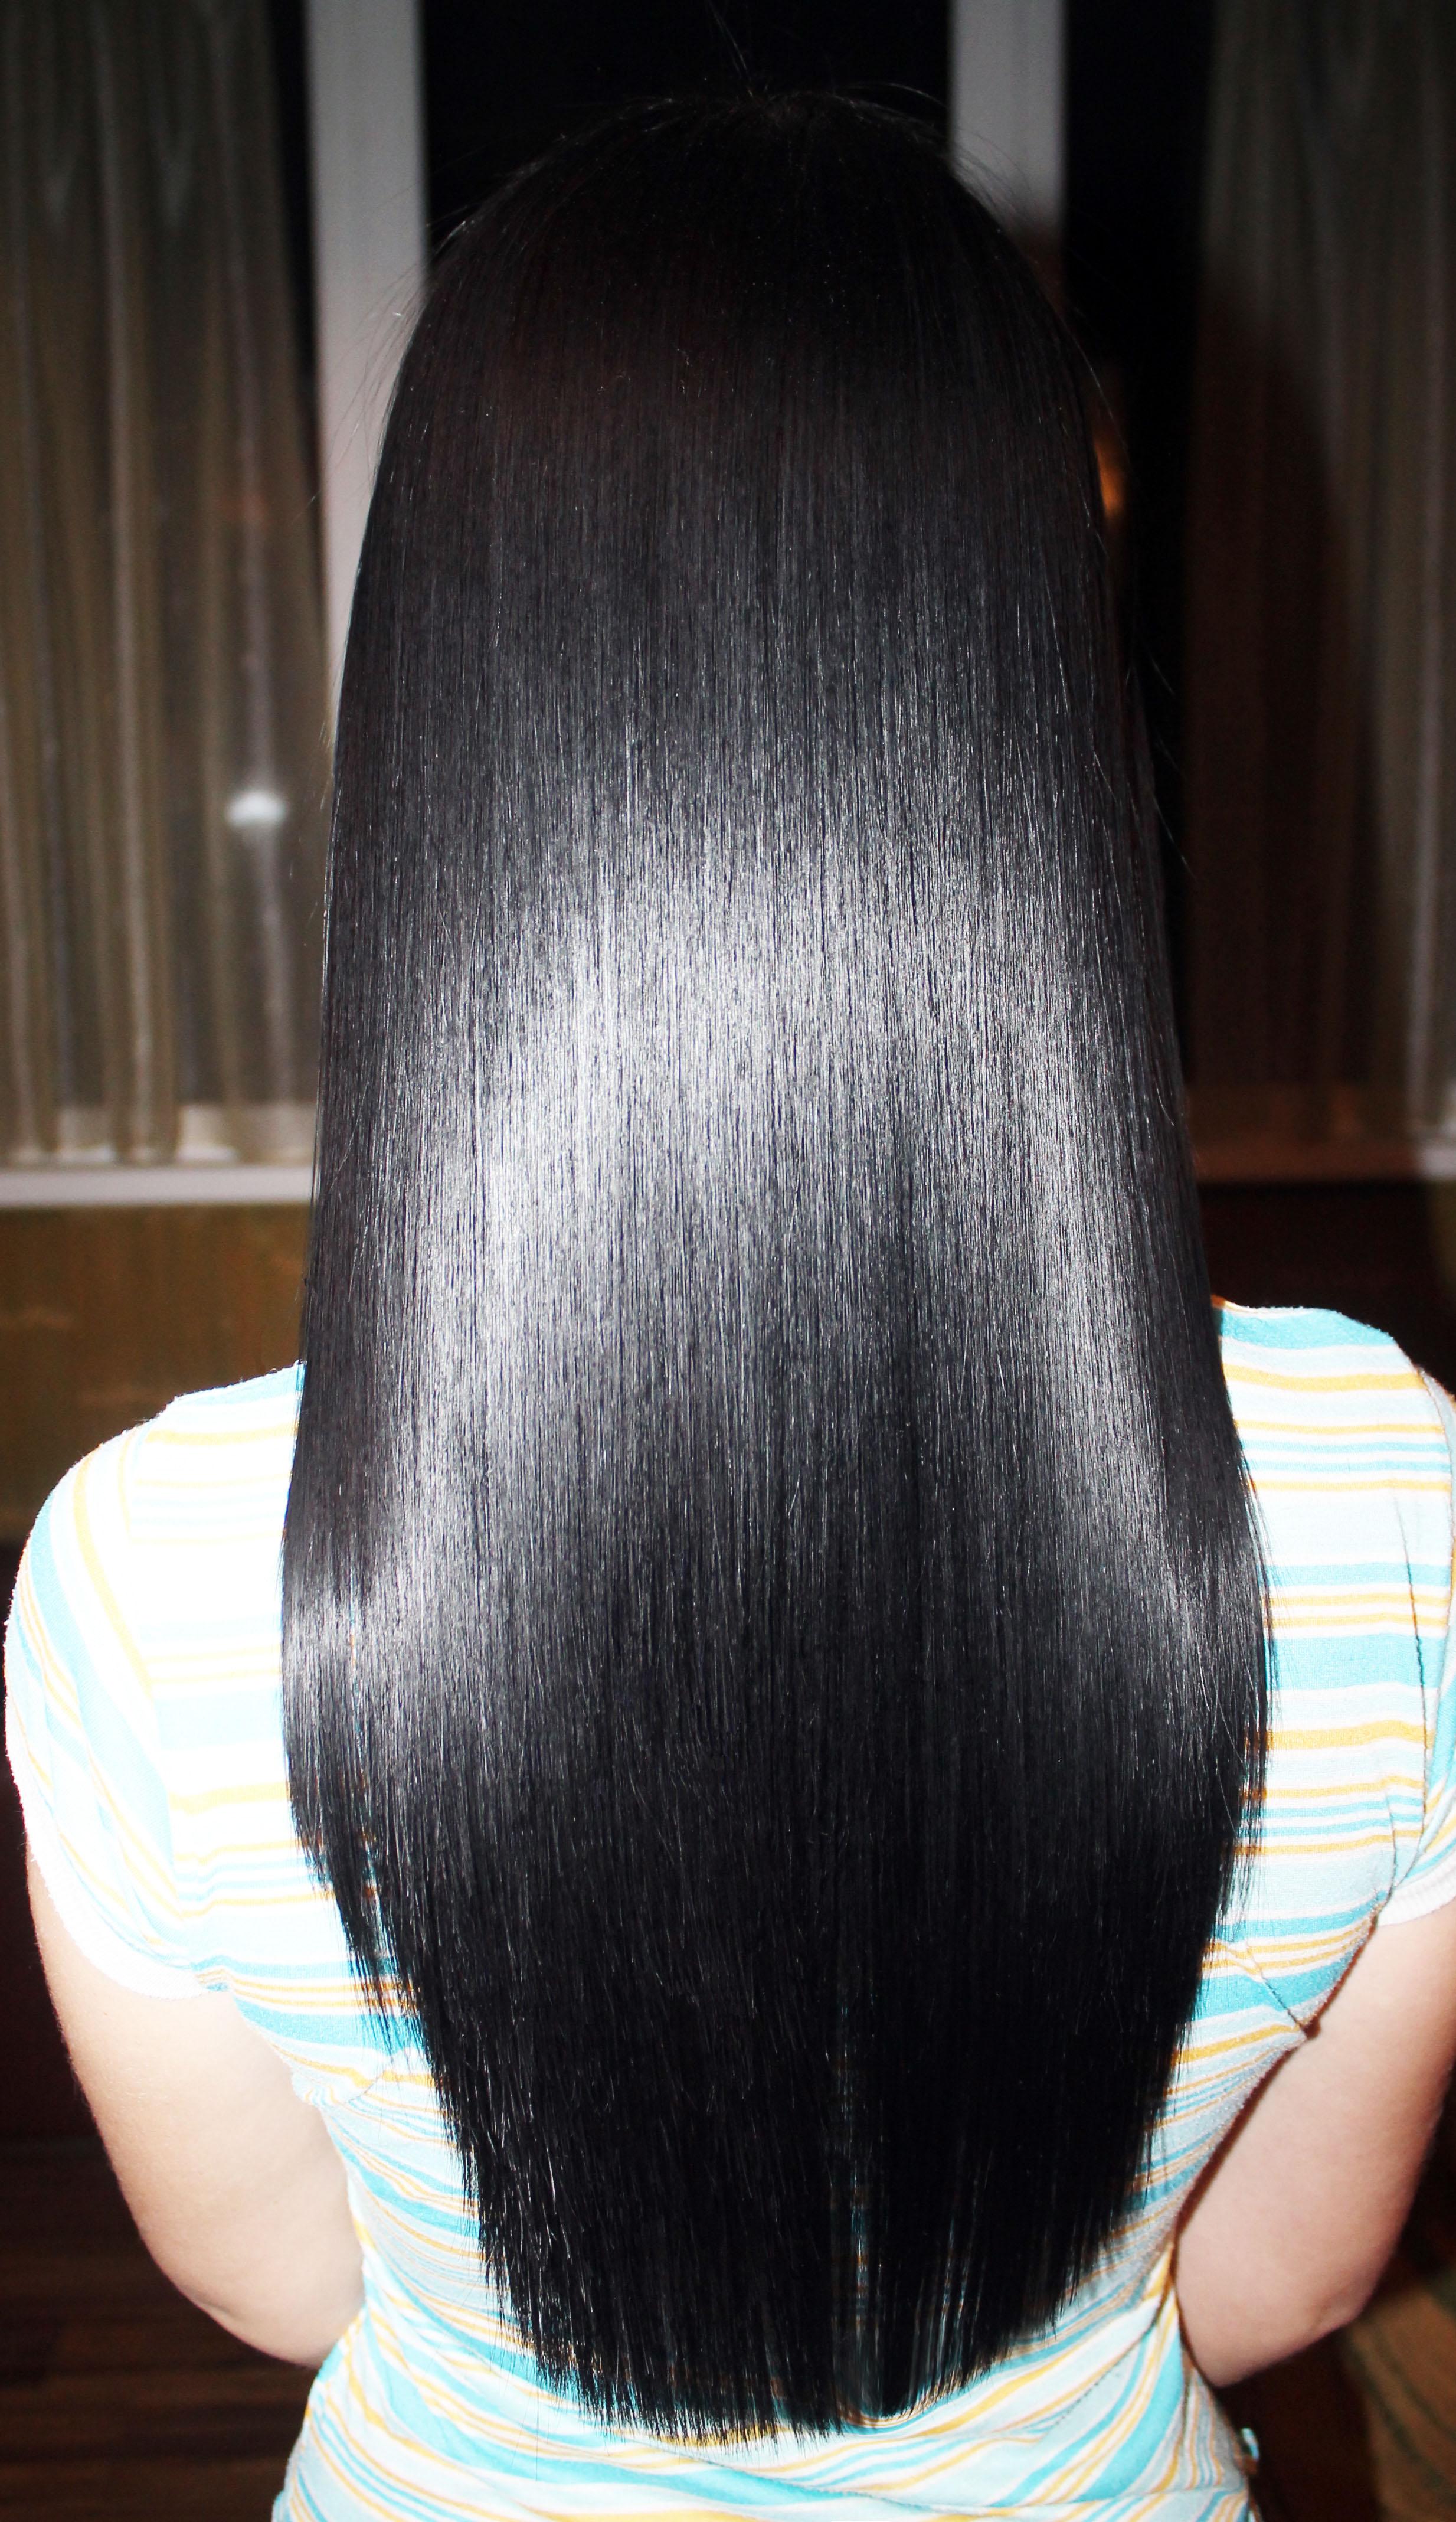 Правила ухода за волосами после процедуры кератинового выпрямления